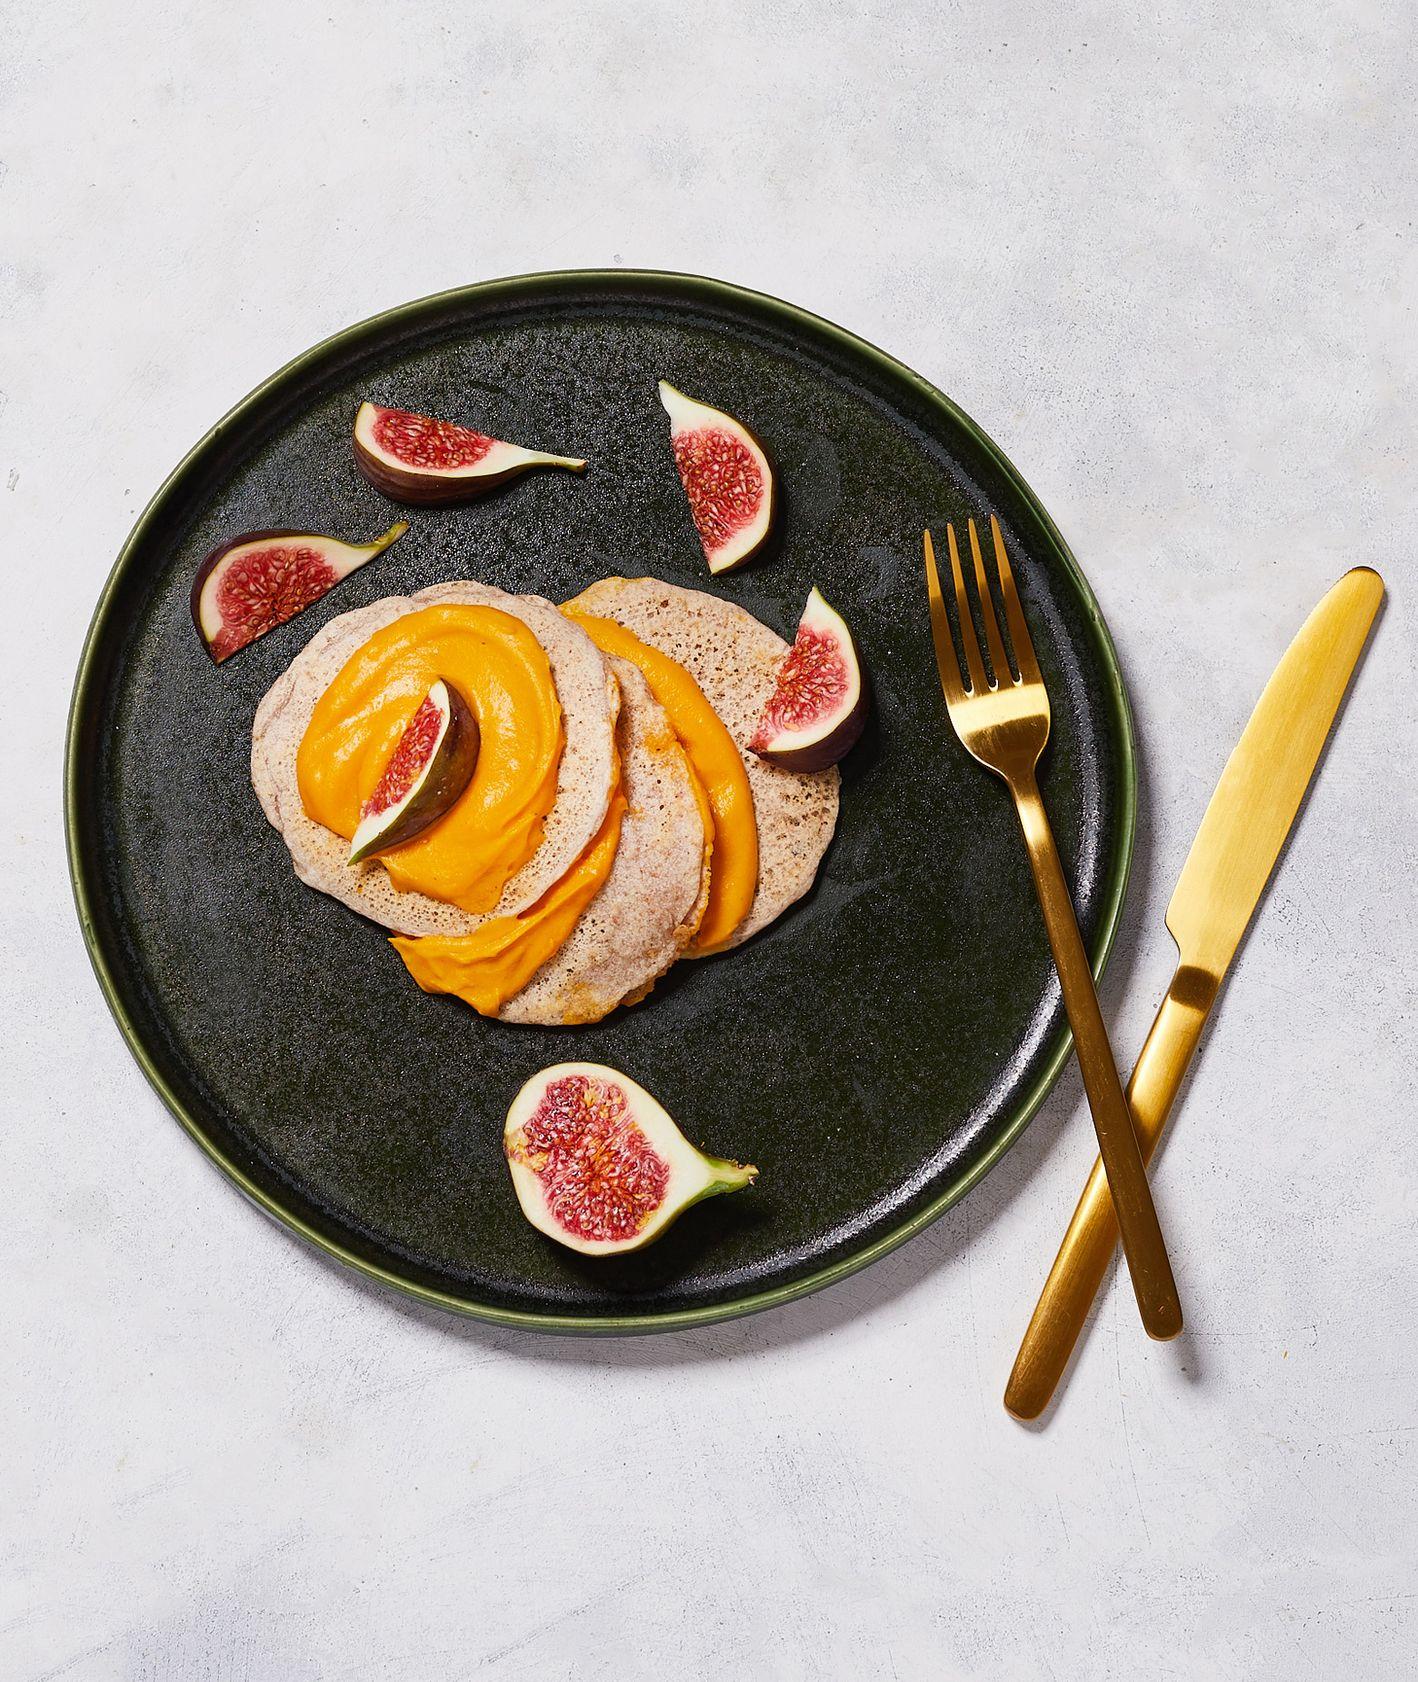 Placuszki gryczane z kremem dyniowym i świeżymi figami na ciemnym talerzu (fot Maciek Niemojewski)